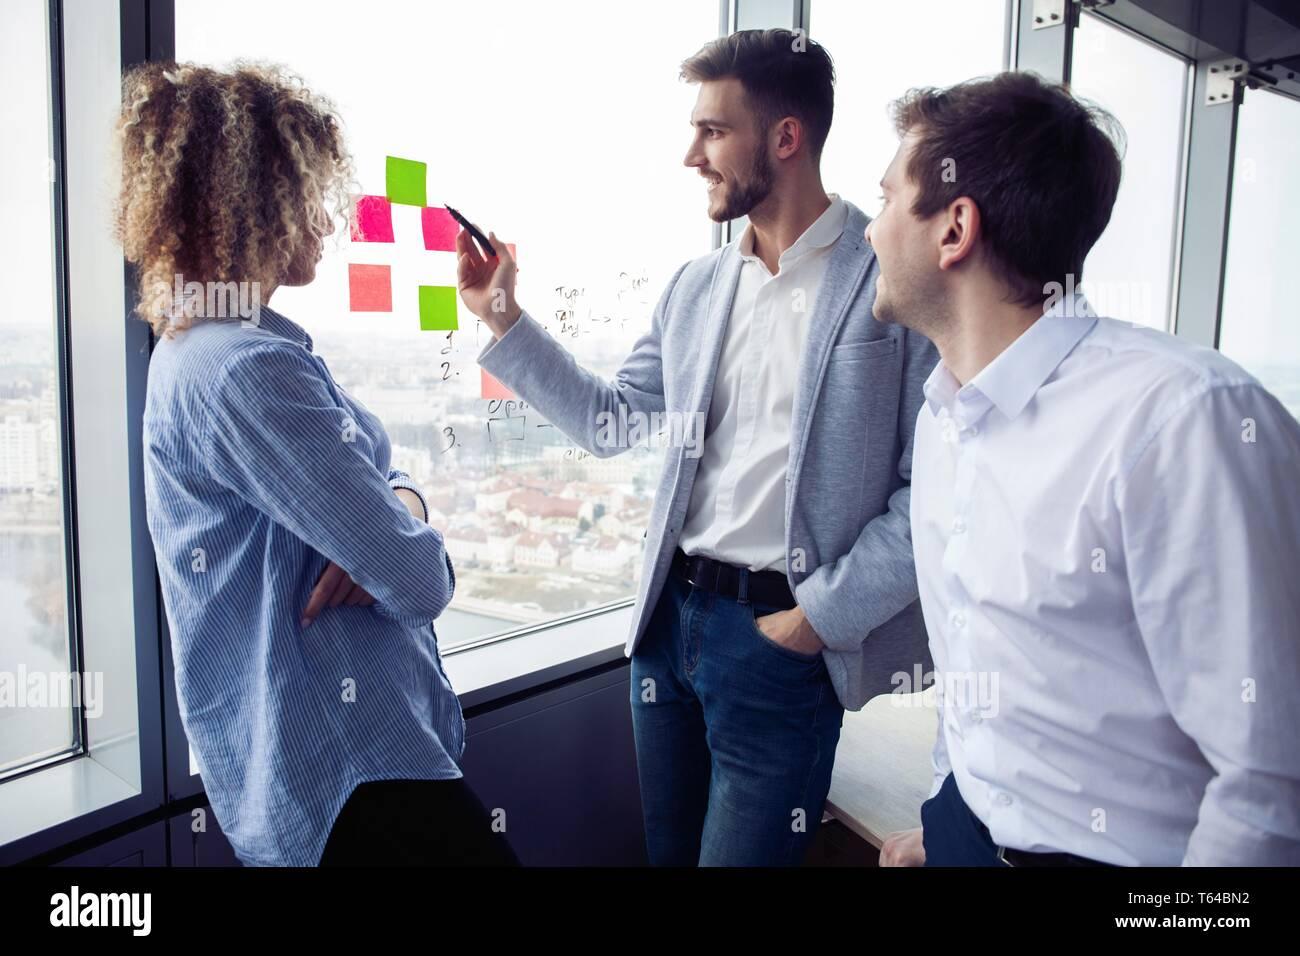 Grupo de jóvenes emprendedores están buscando una solución de negocios durante el proceso de trabajo en la oficina.La gente de negocios concepto de reunión Foto de stock